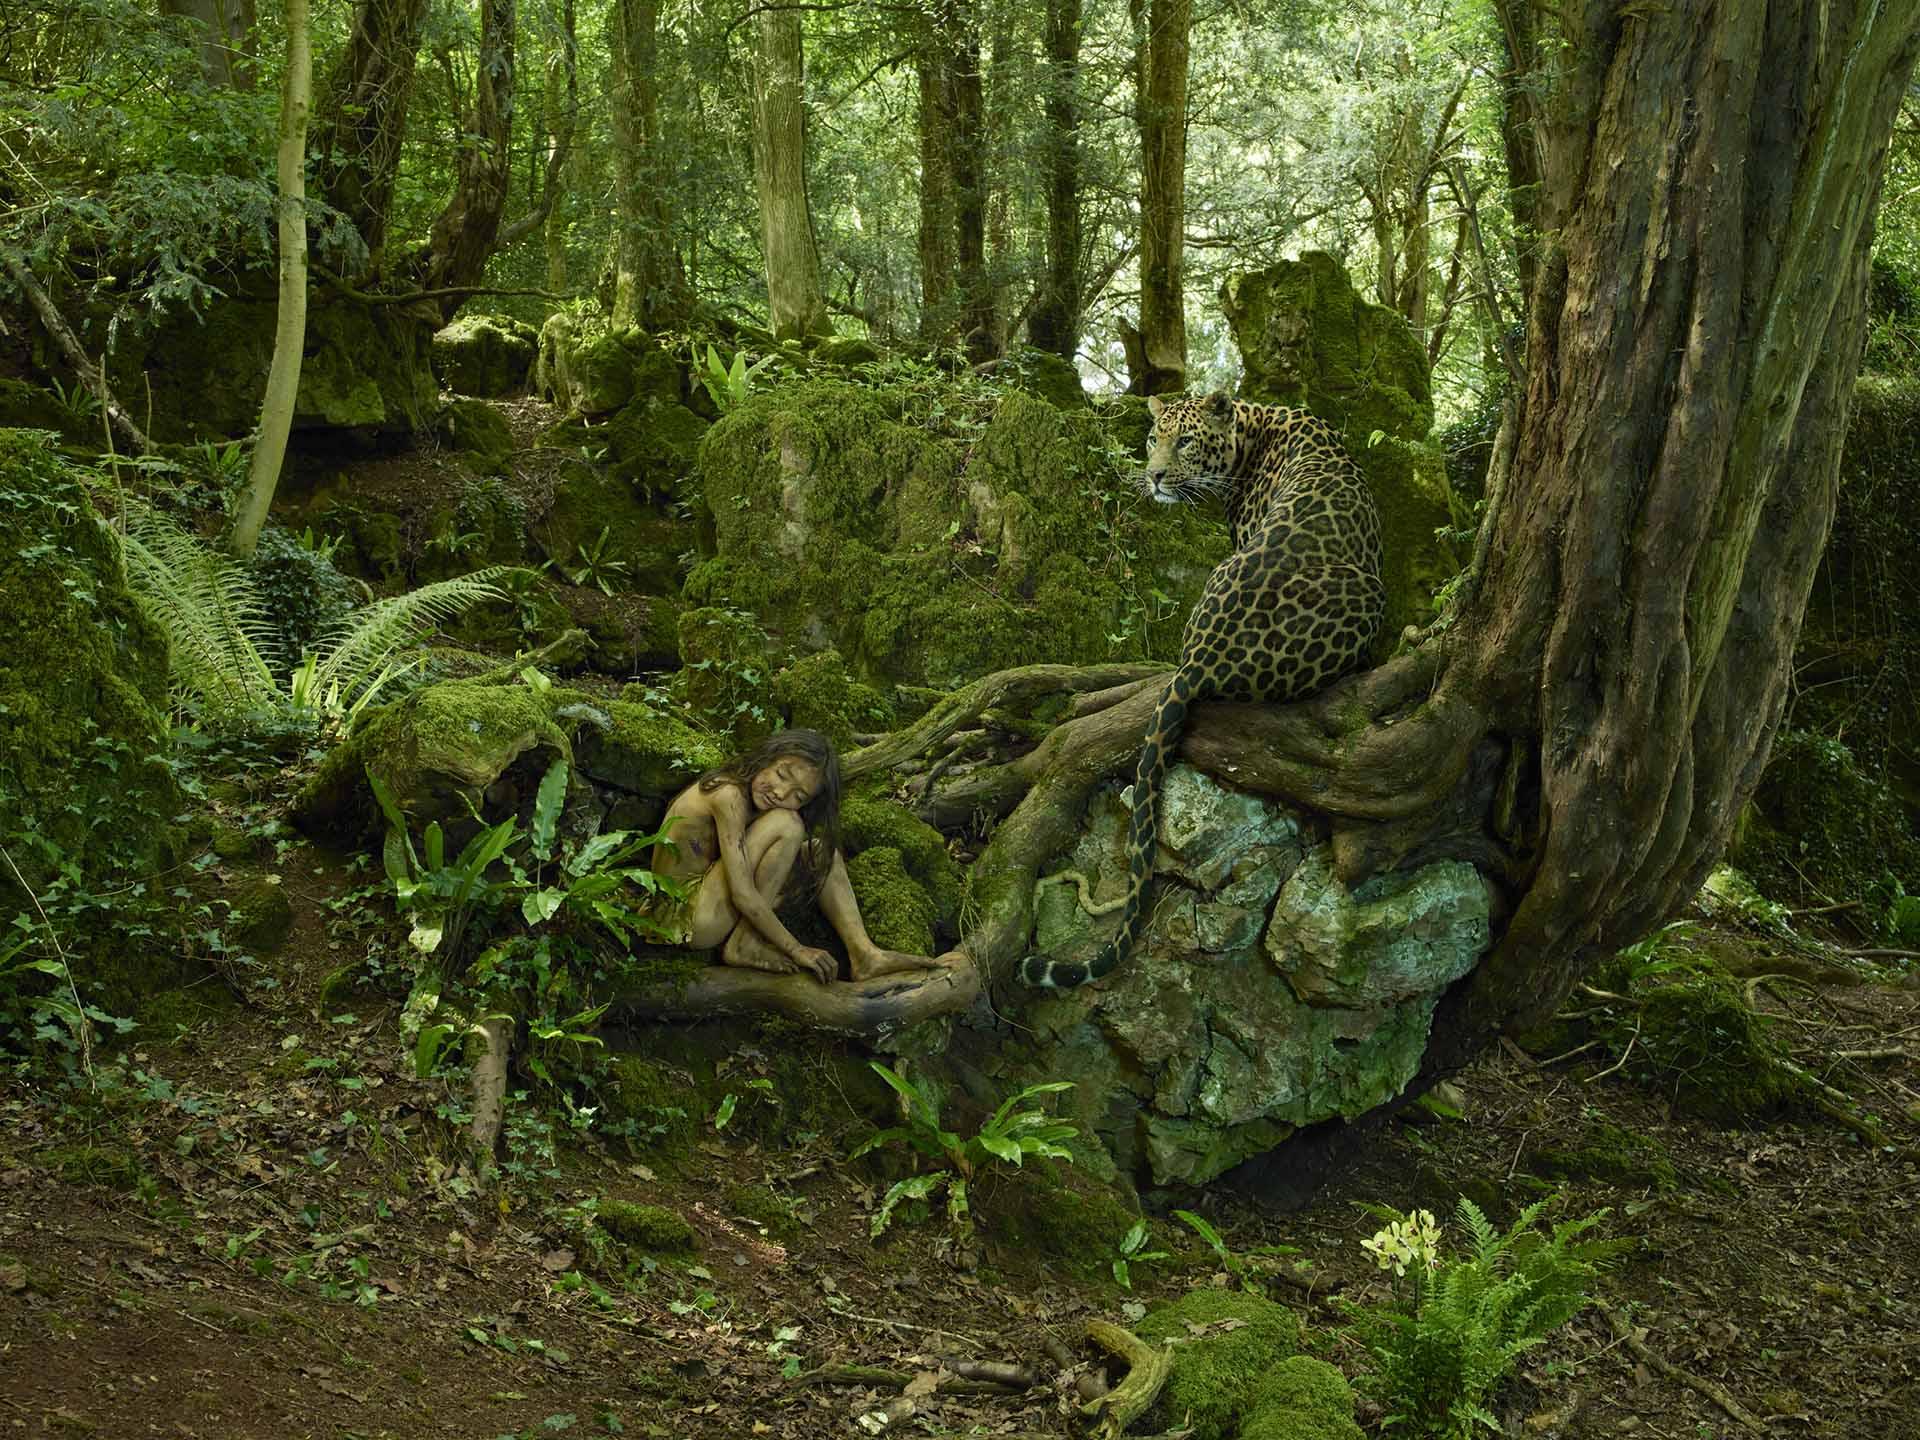 Wild children - feral children | DinoAnimals.com